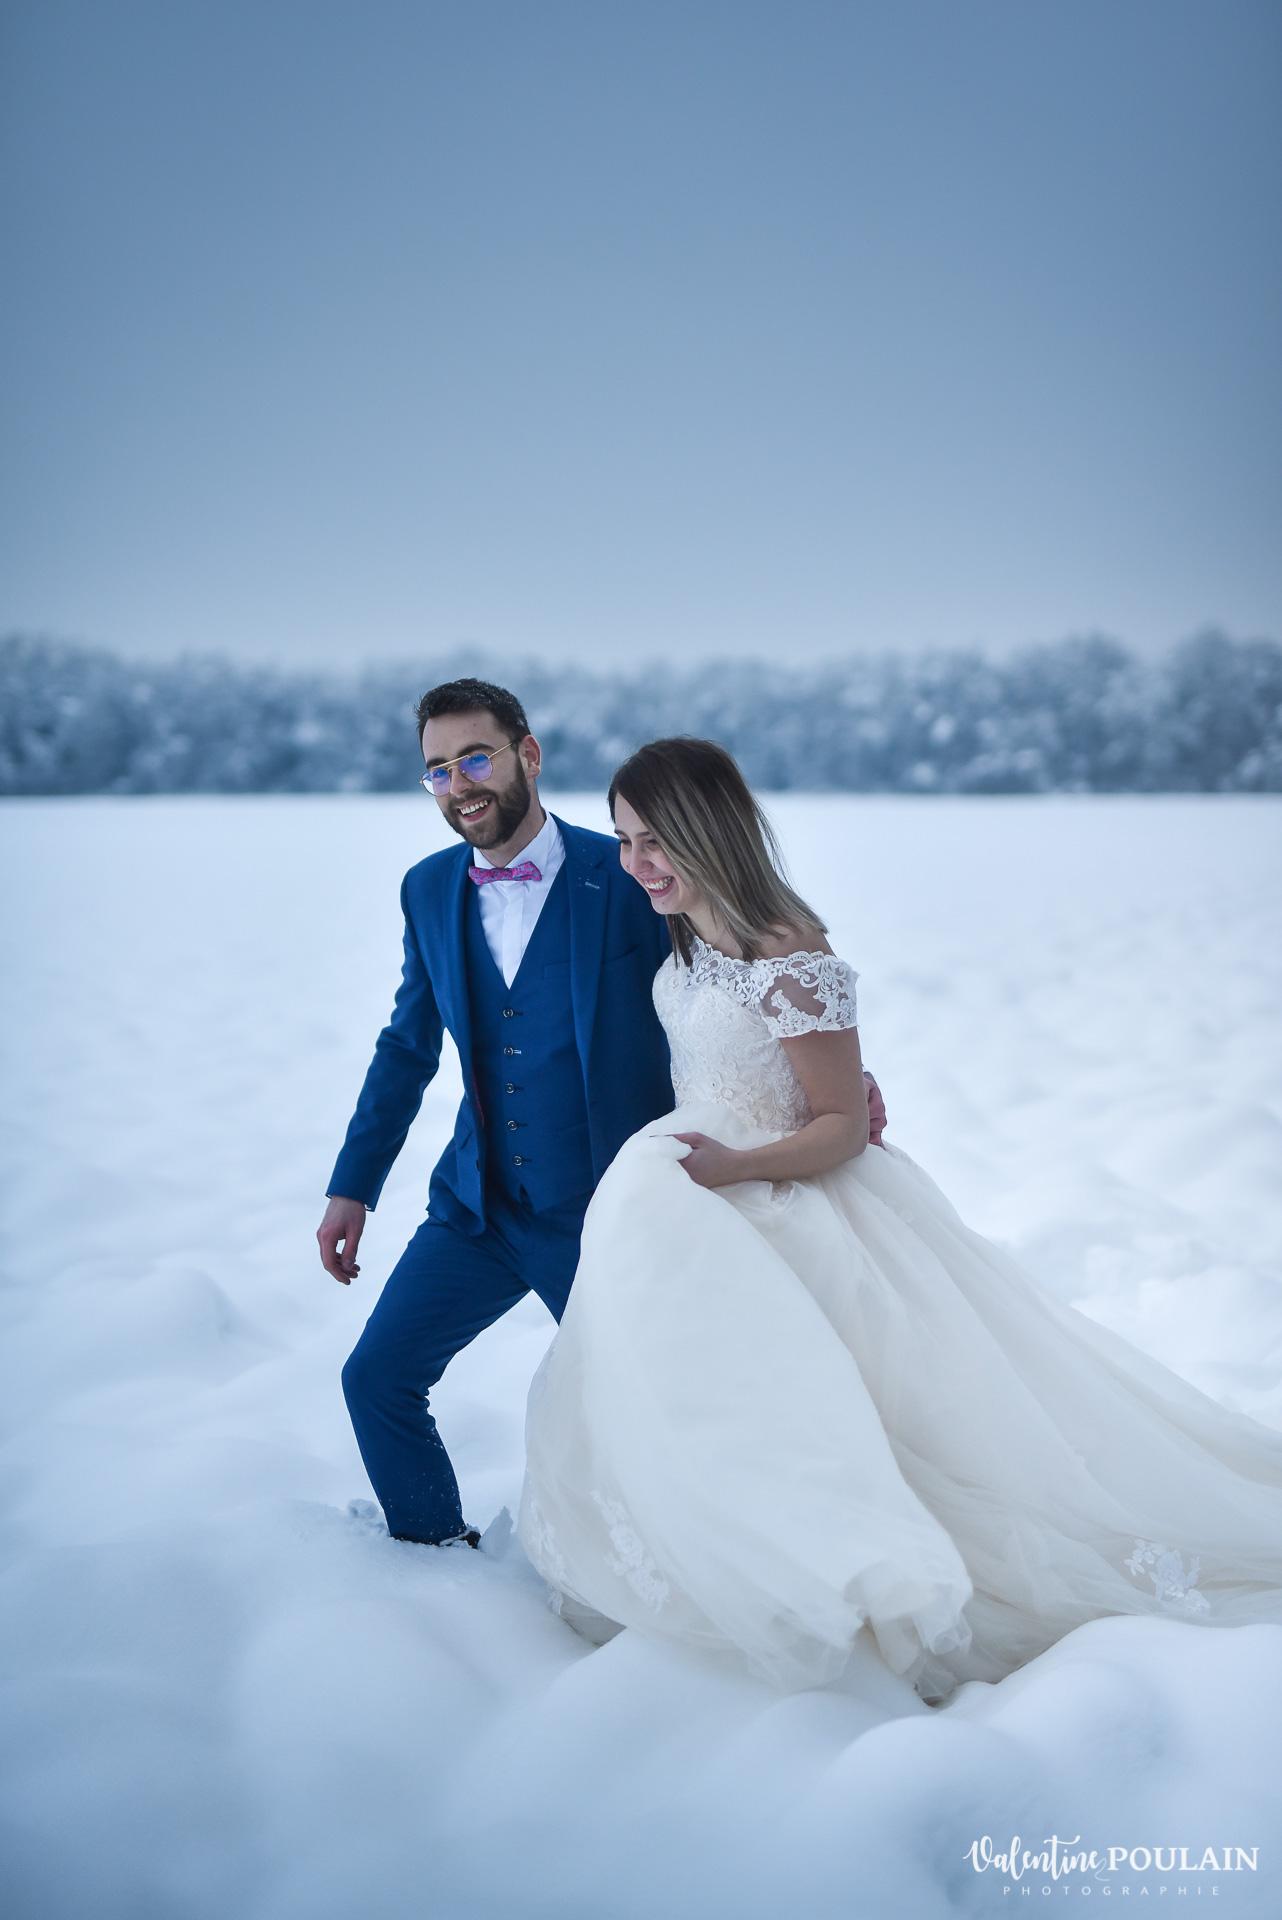 Se marier en hiver sous la neige - Valentine Poulain walking